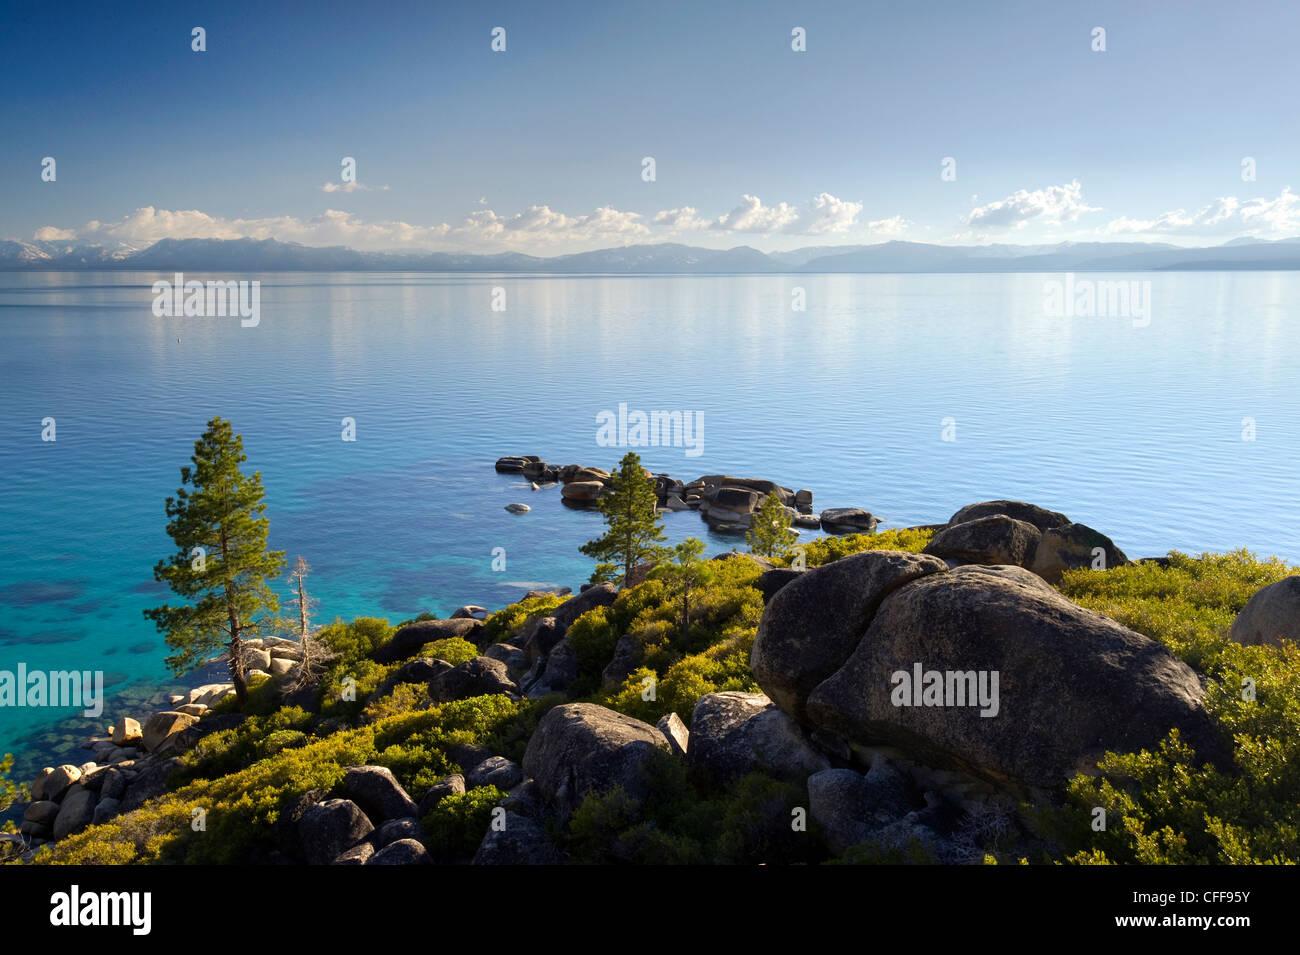 Ein Blick auf Lake Tahoe aus der klassischen Sand Harbor Overlook am Ostufer des Sees, Nevada. Stockbild